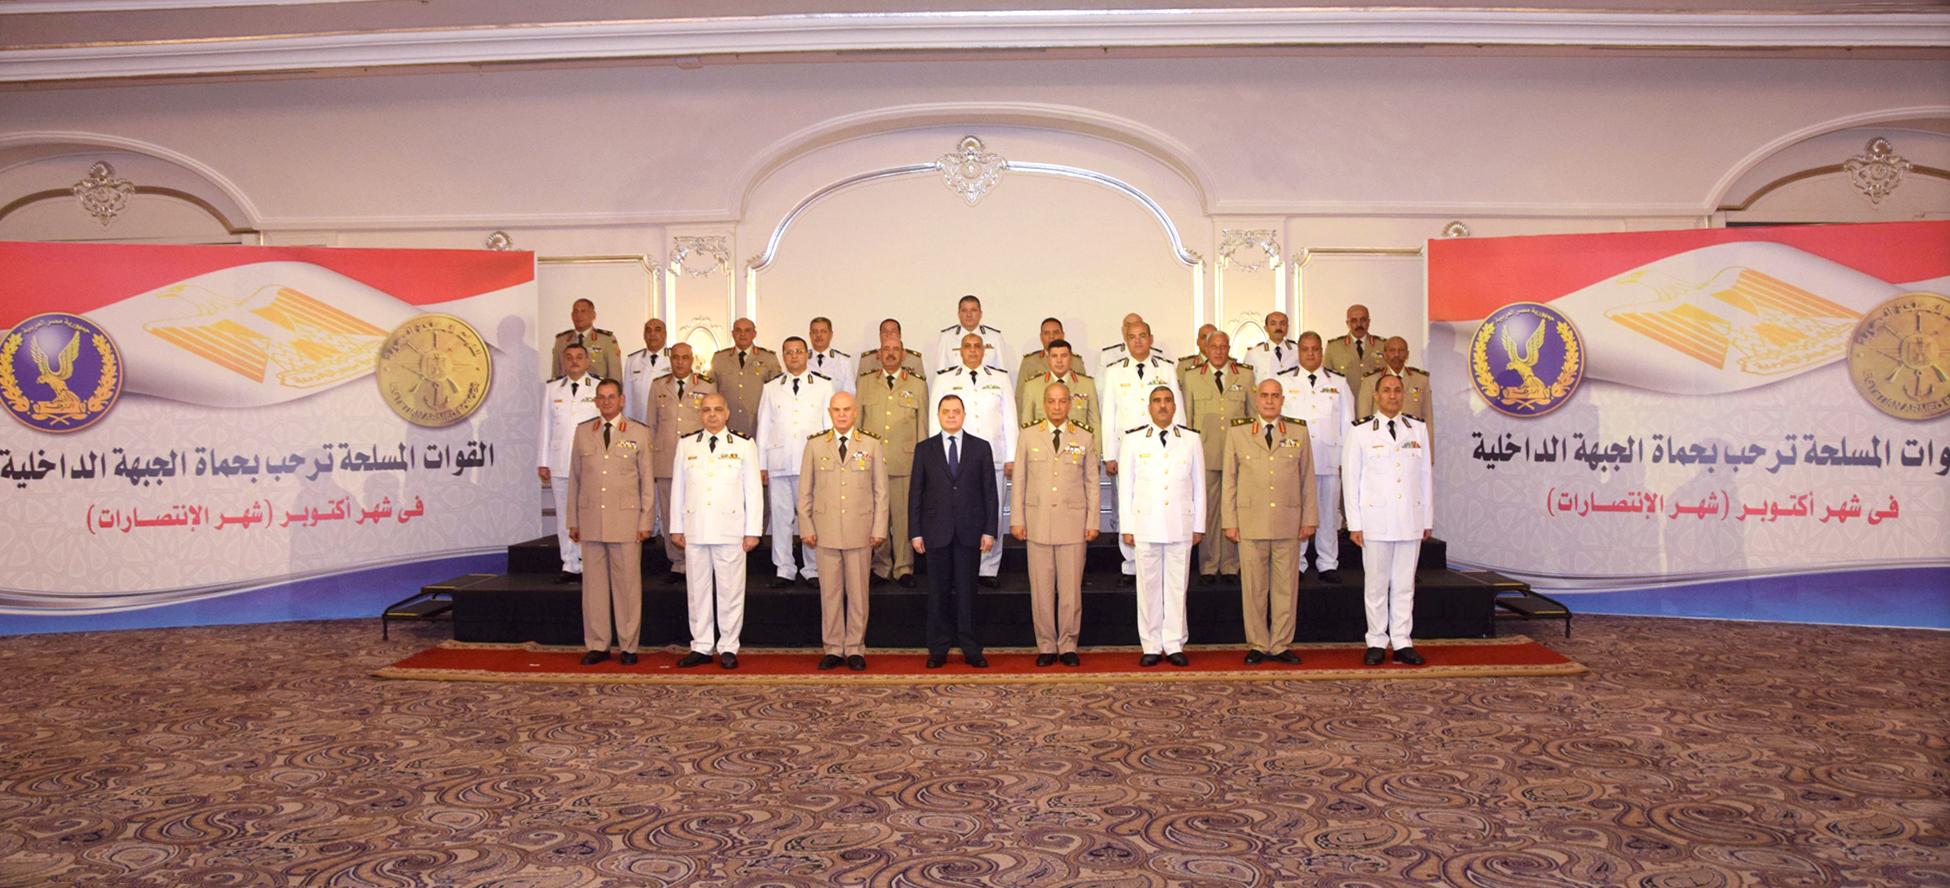 لقاء وزيرى الدفاع والداخلية (2)